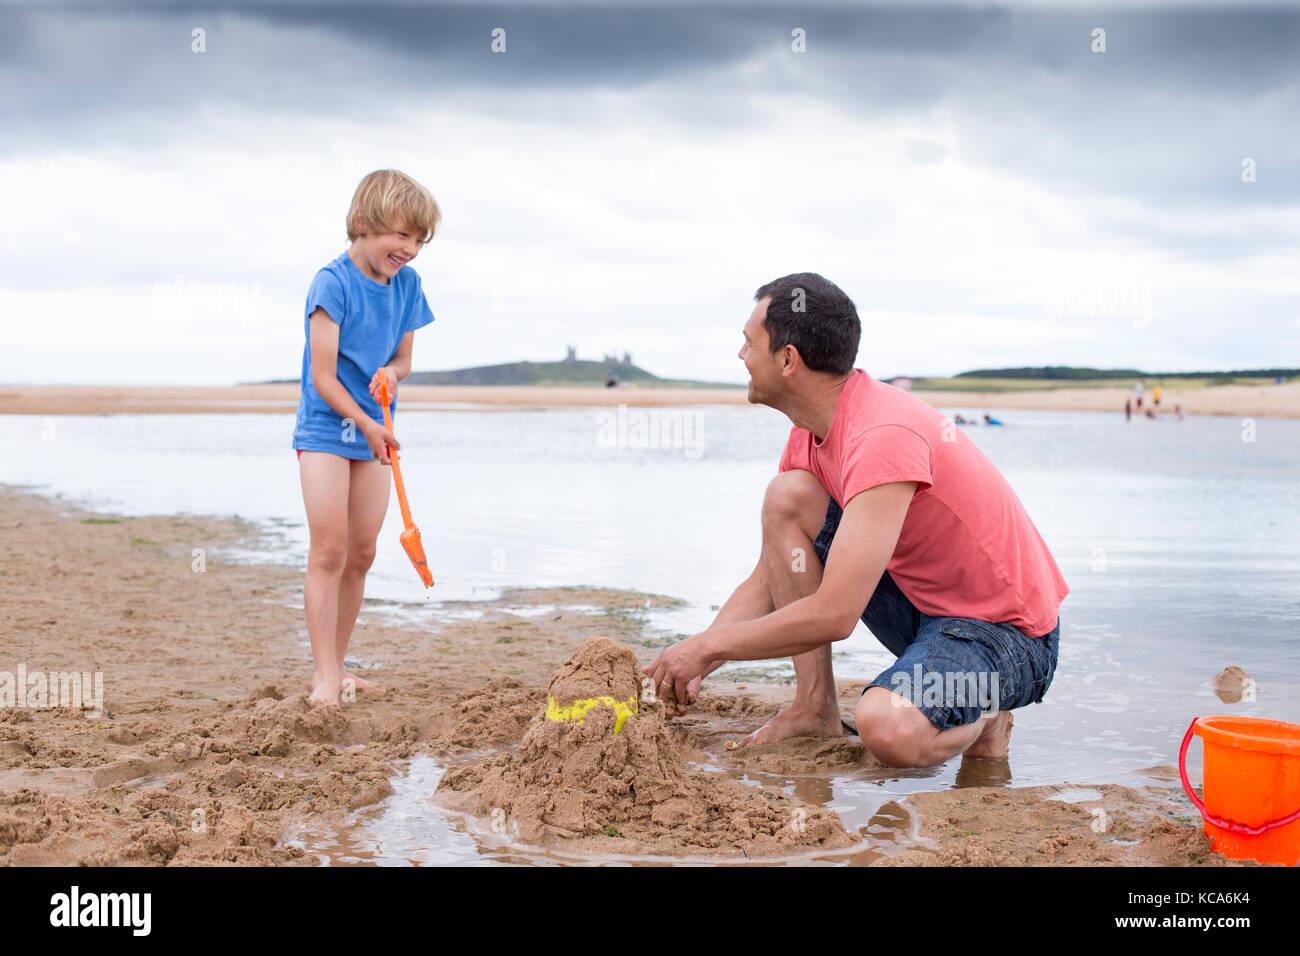 Un père et son fils sont construire des châteaux de sable sur la plage Photo Stock